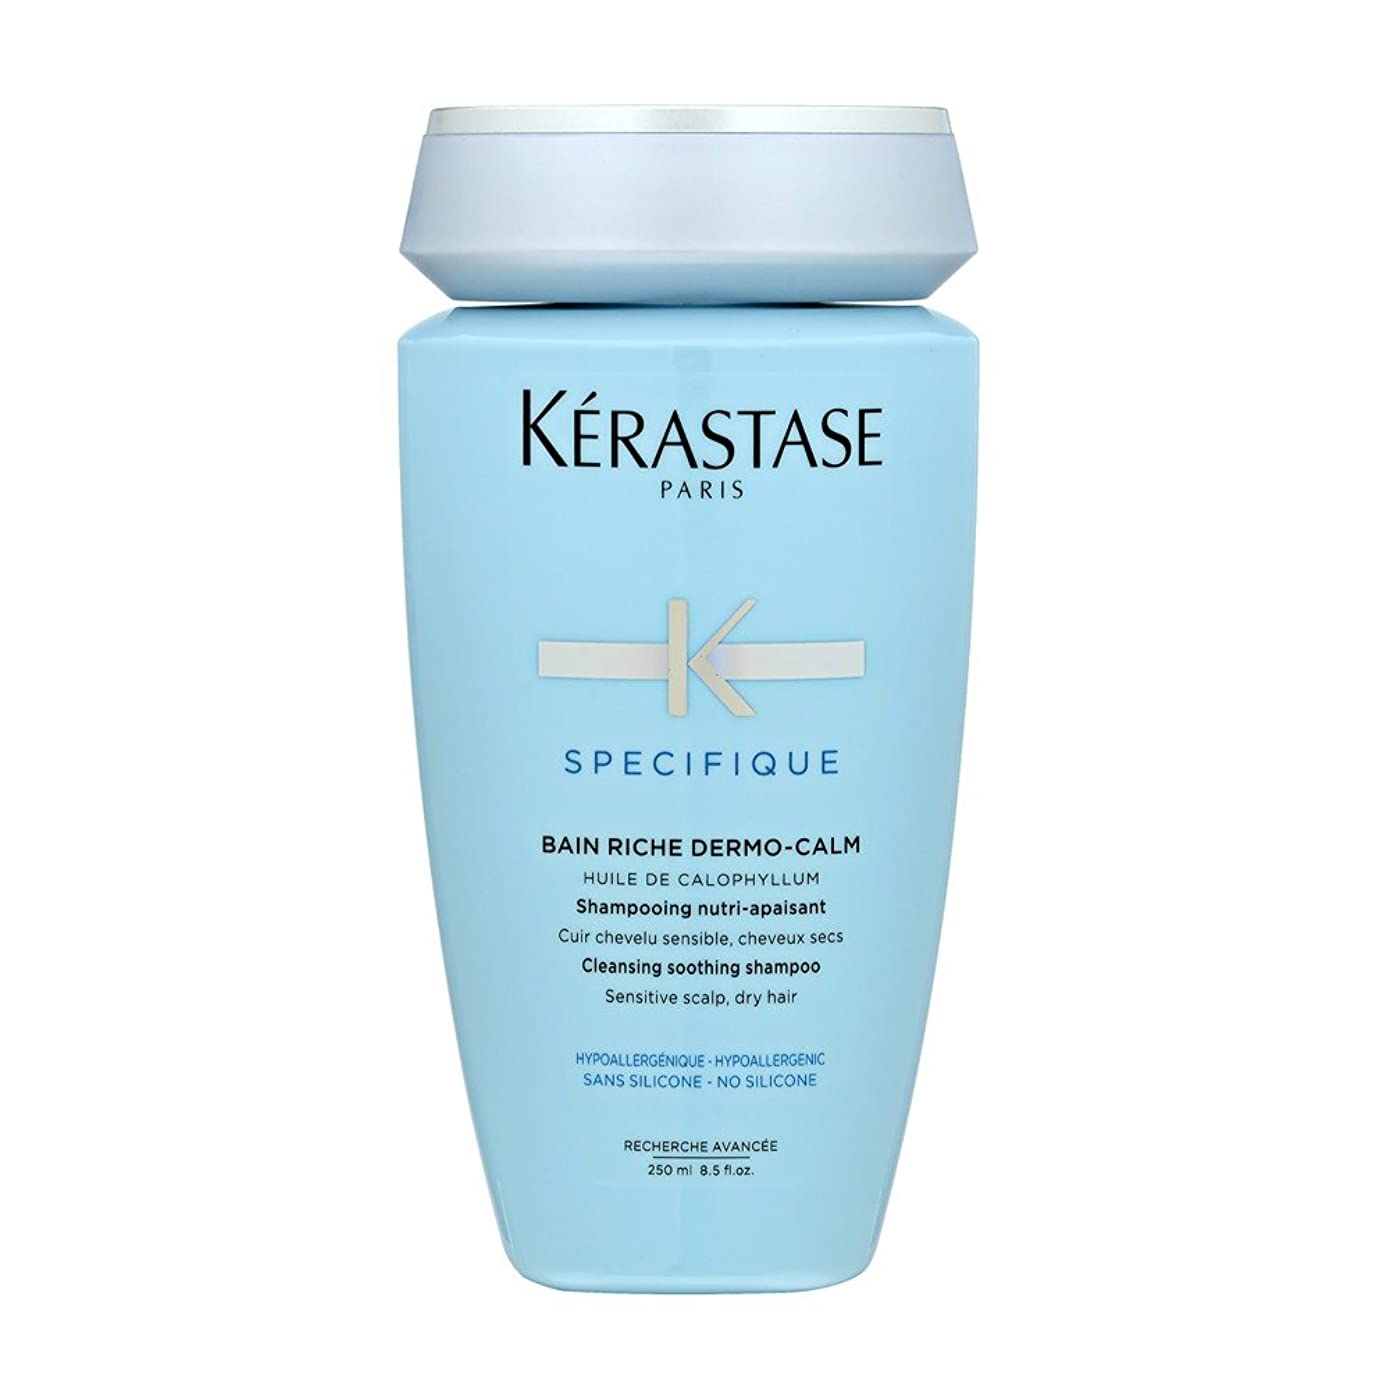 アレルギー性シーサイドデンマークケラスターゼ(KERASTASE) スペシフィック SP バン リッチ 250ml [並行輸入品]